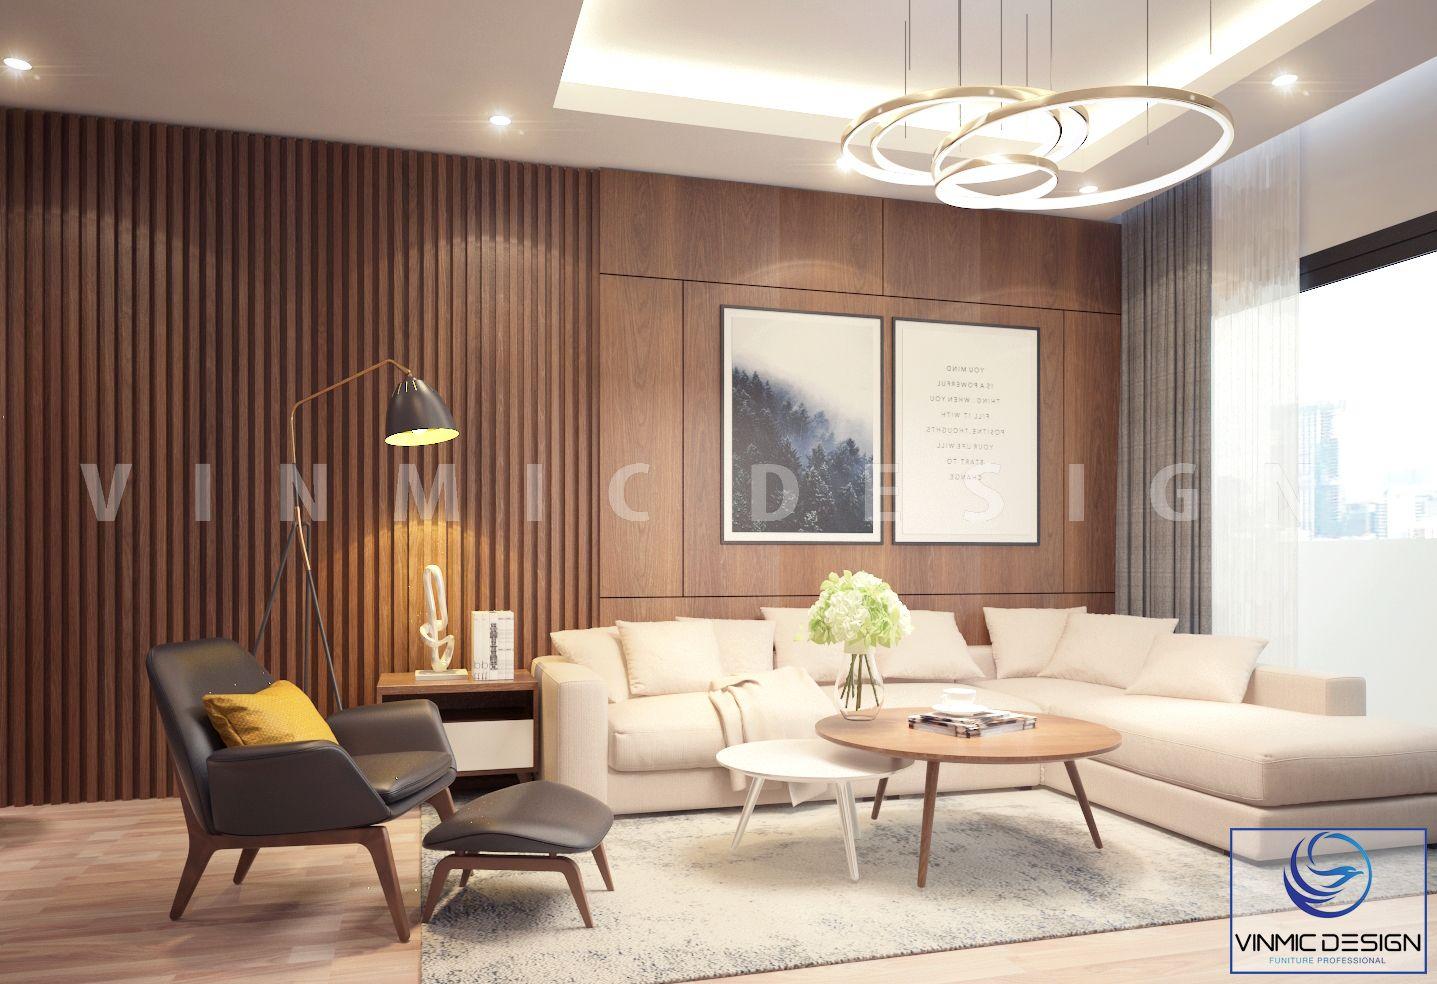 Góc phòng khách nhẹ nhàng, kết hợp đèn và ánh sáng thiên nhiên